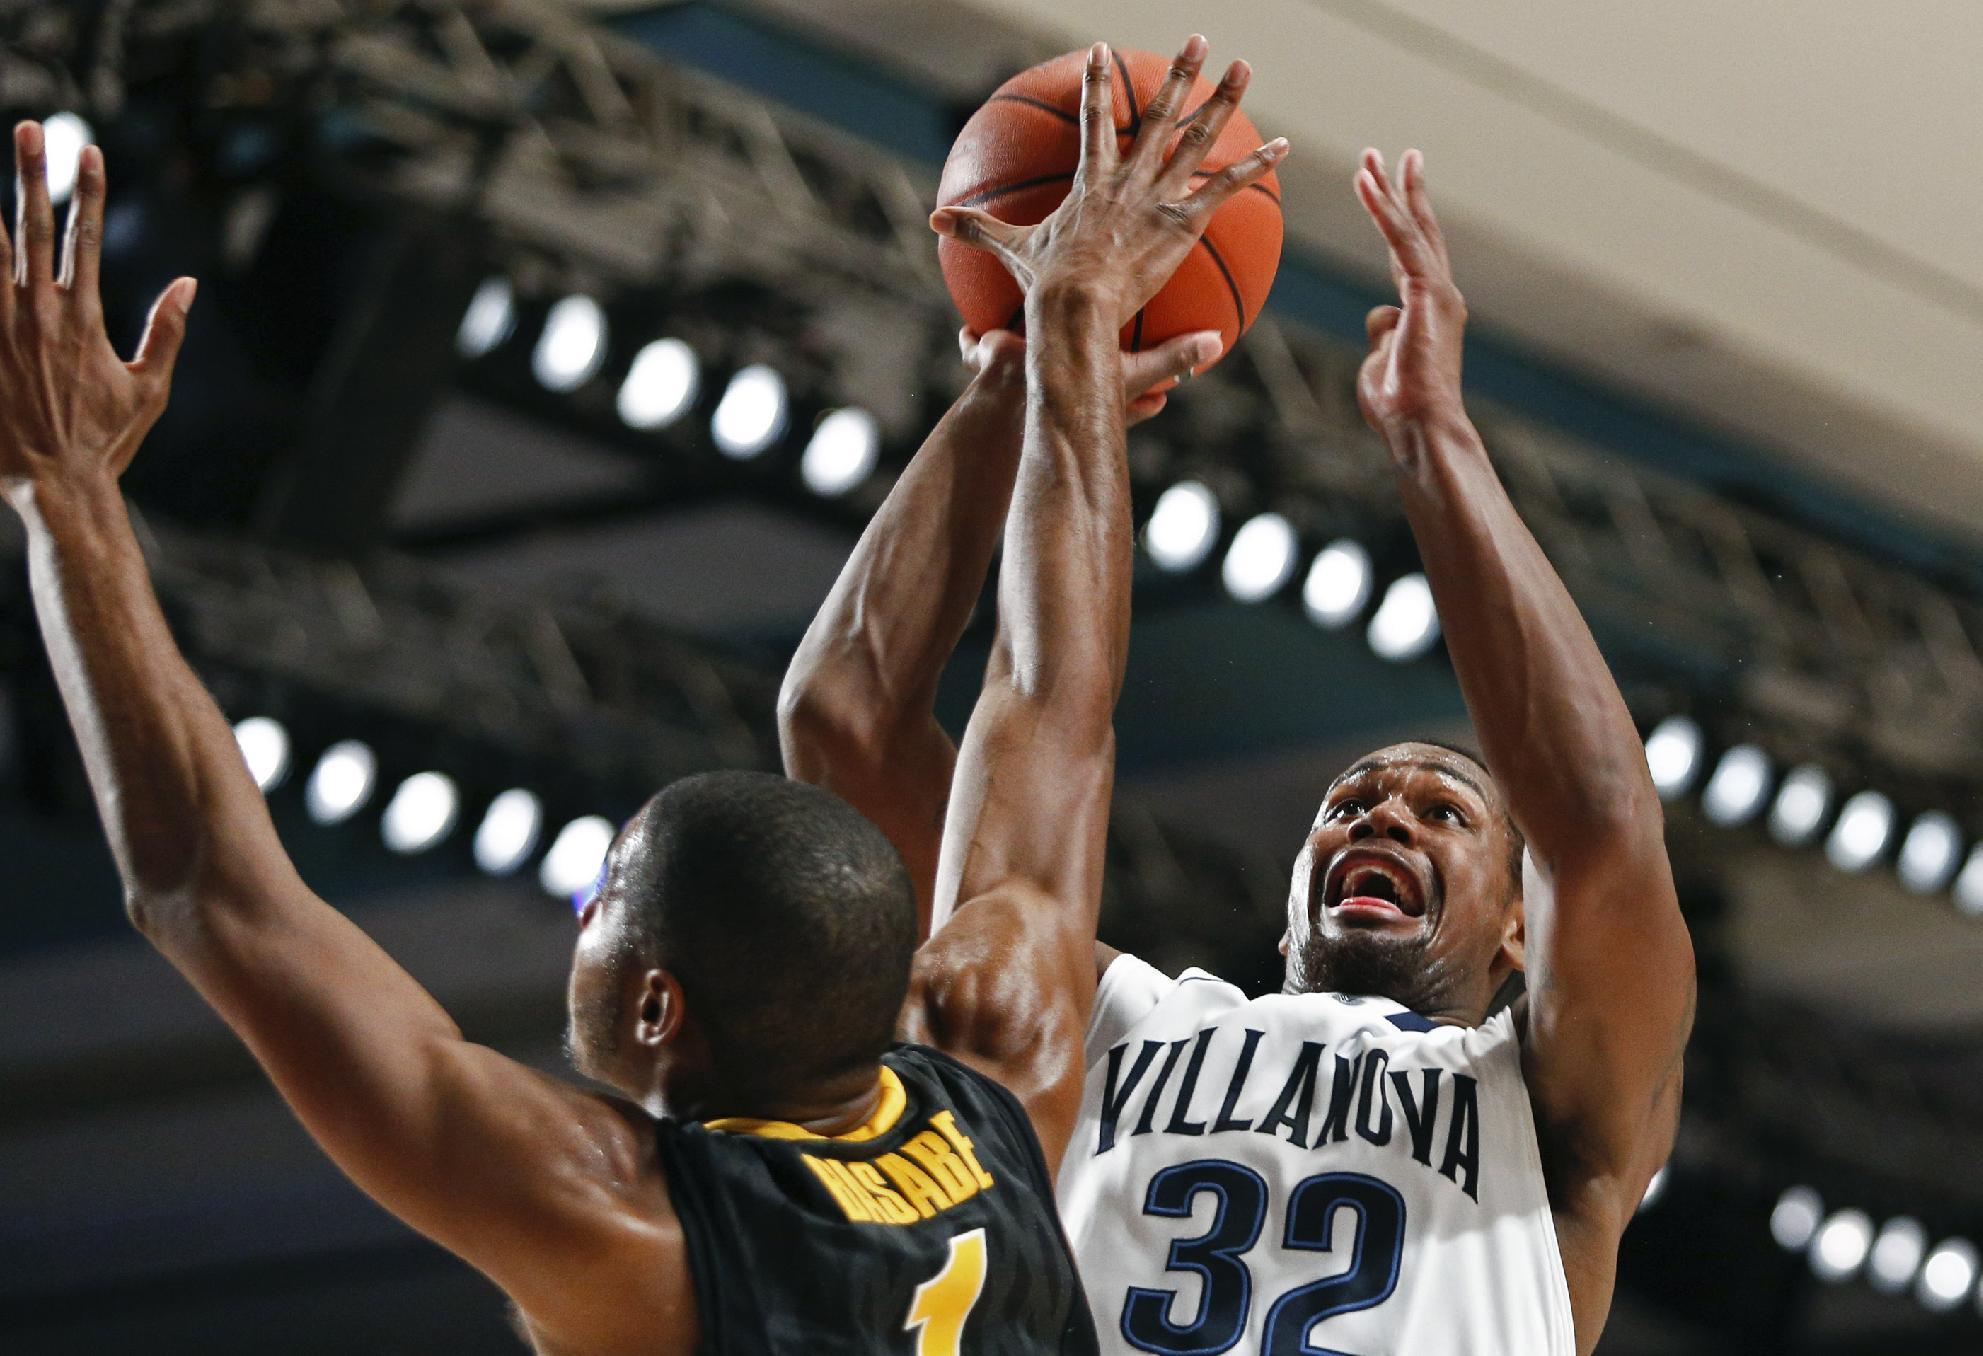 Villanova wins Atlantis, tops No. 23 Iowa 88-83